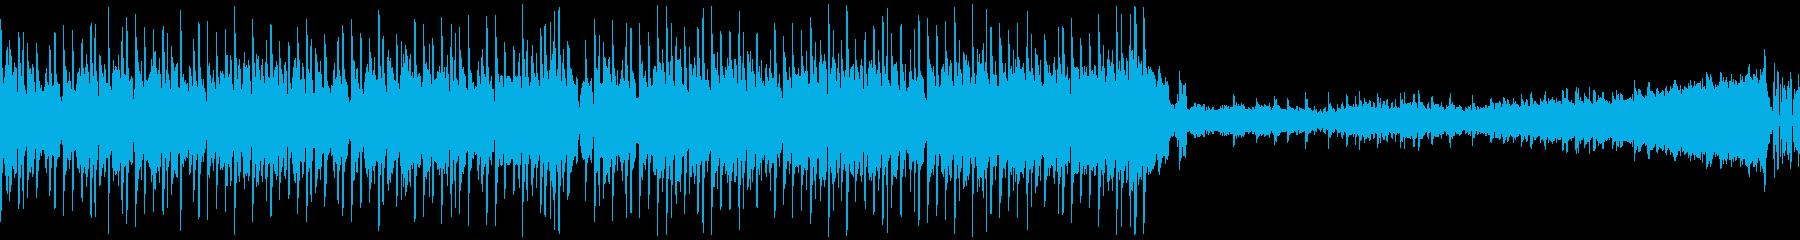 【ループ】クール/かっこいい洋楽ハウスの再生済みの波形